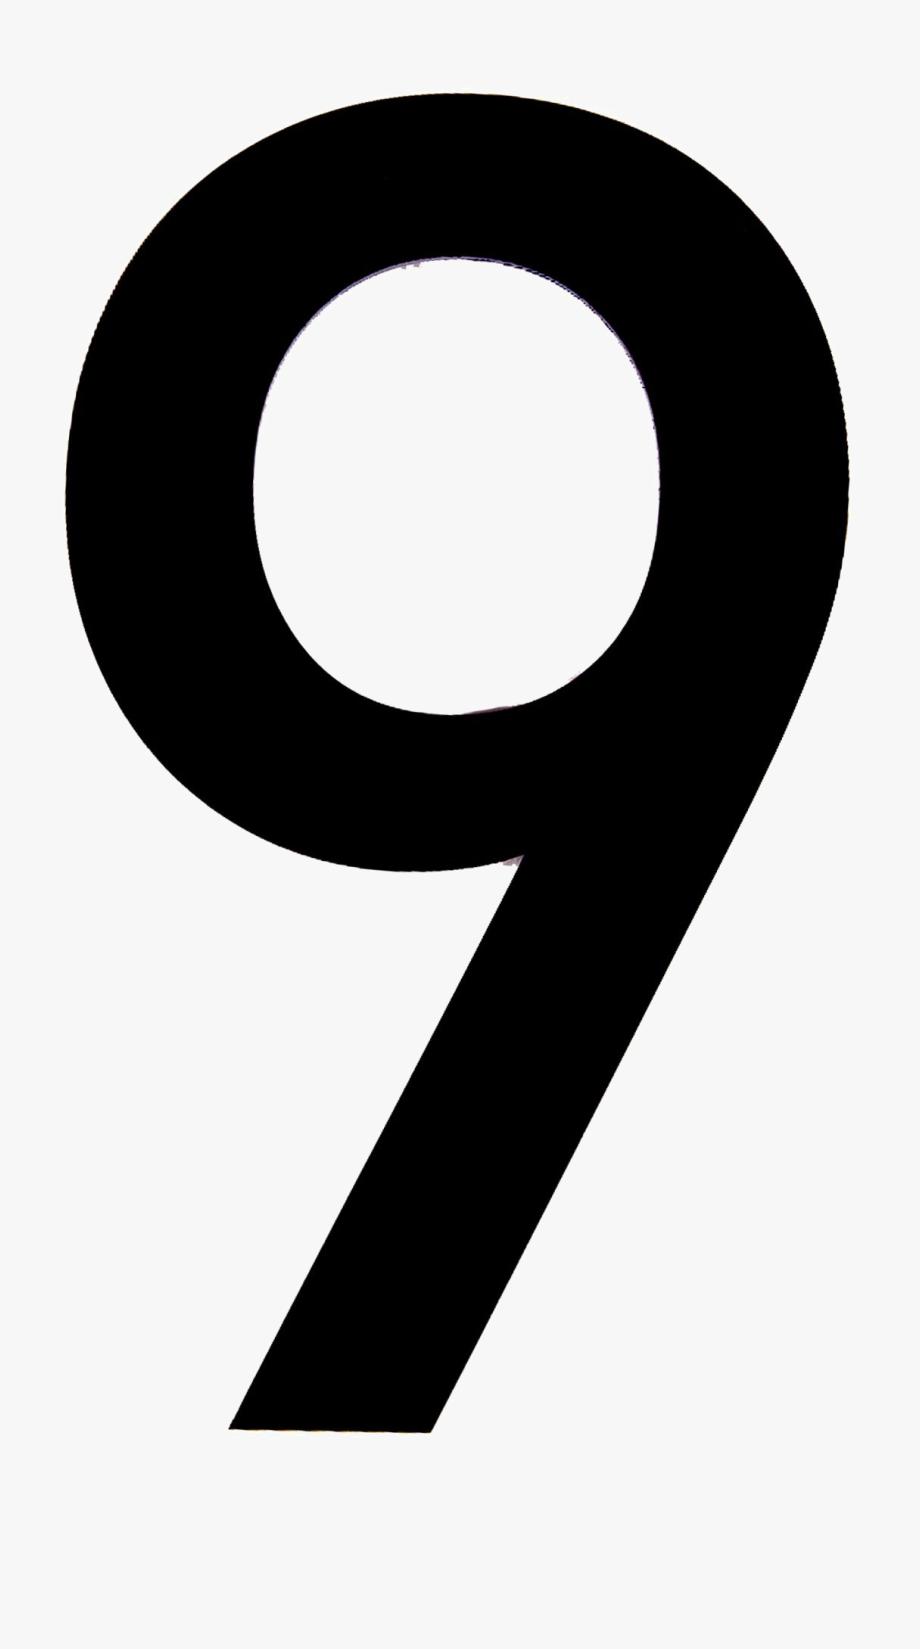 9 Number Png Transparent Image.